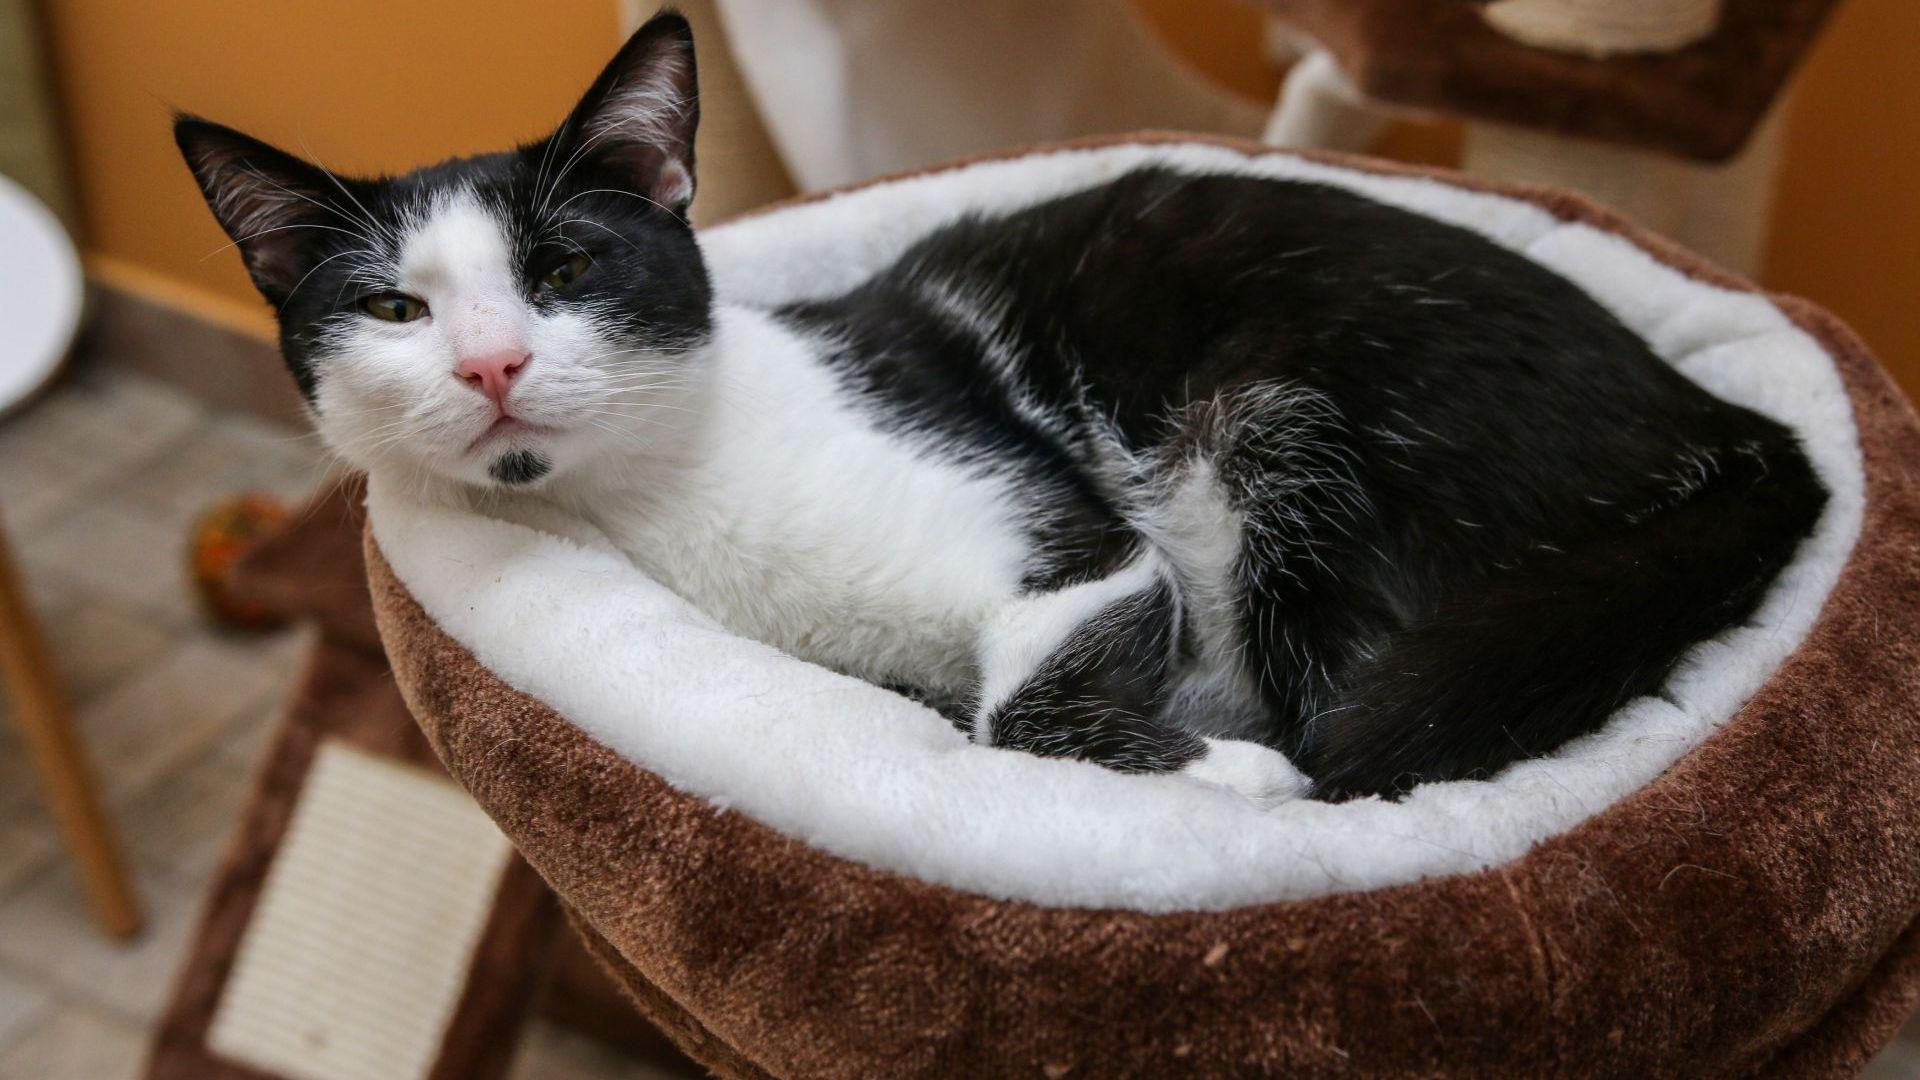 Коткотека - място за приятна работа край писанки или възможност да осиновиш